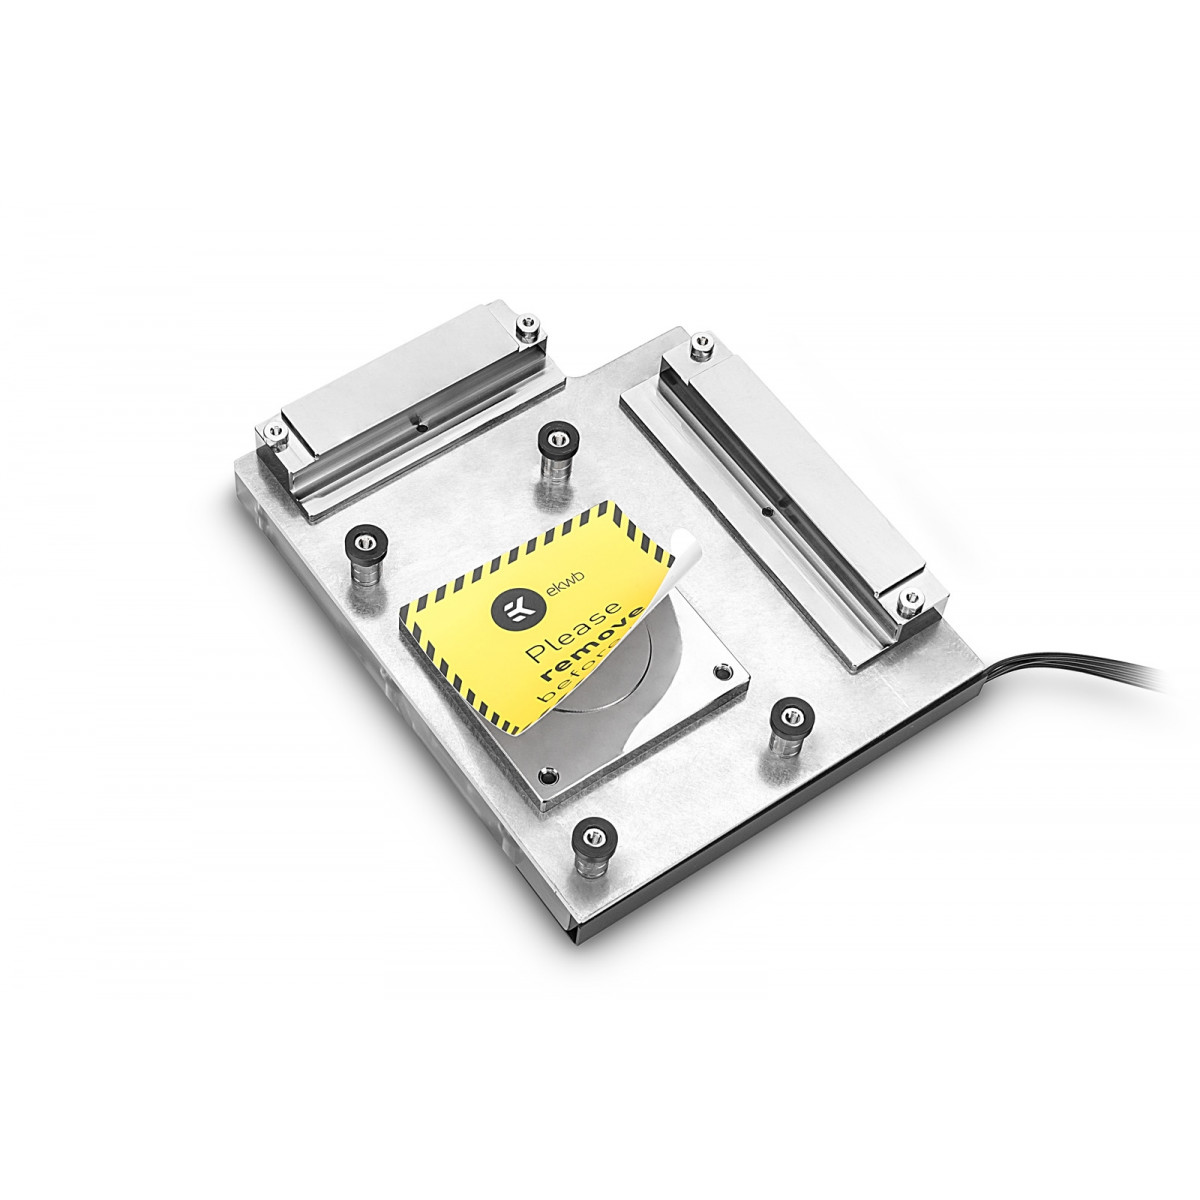 EK Water Blocks EK-FB MSI X470 Pro Carbon RGB Monoblock - Nickel